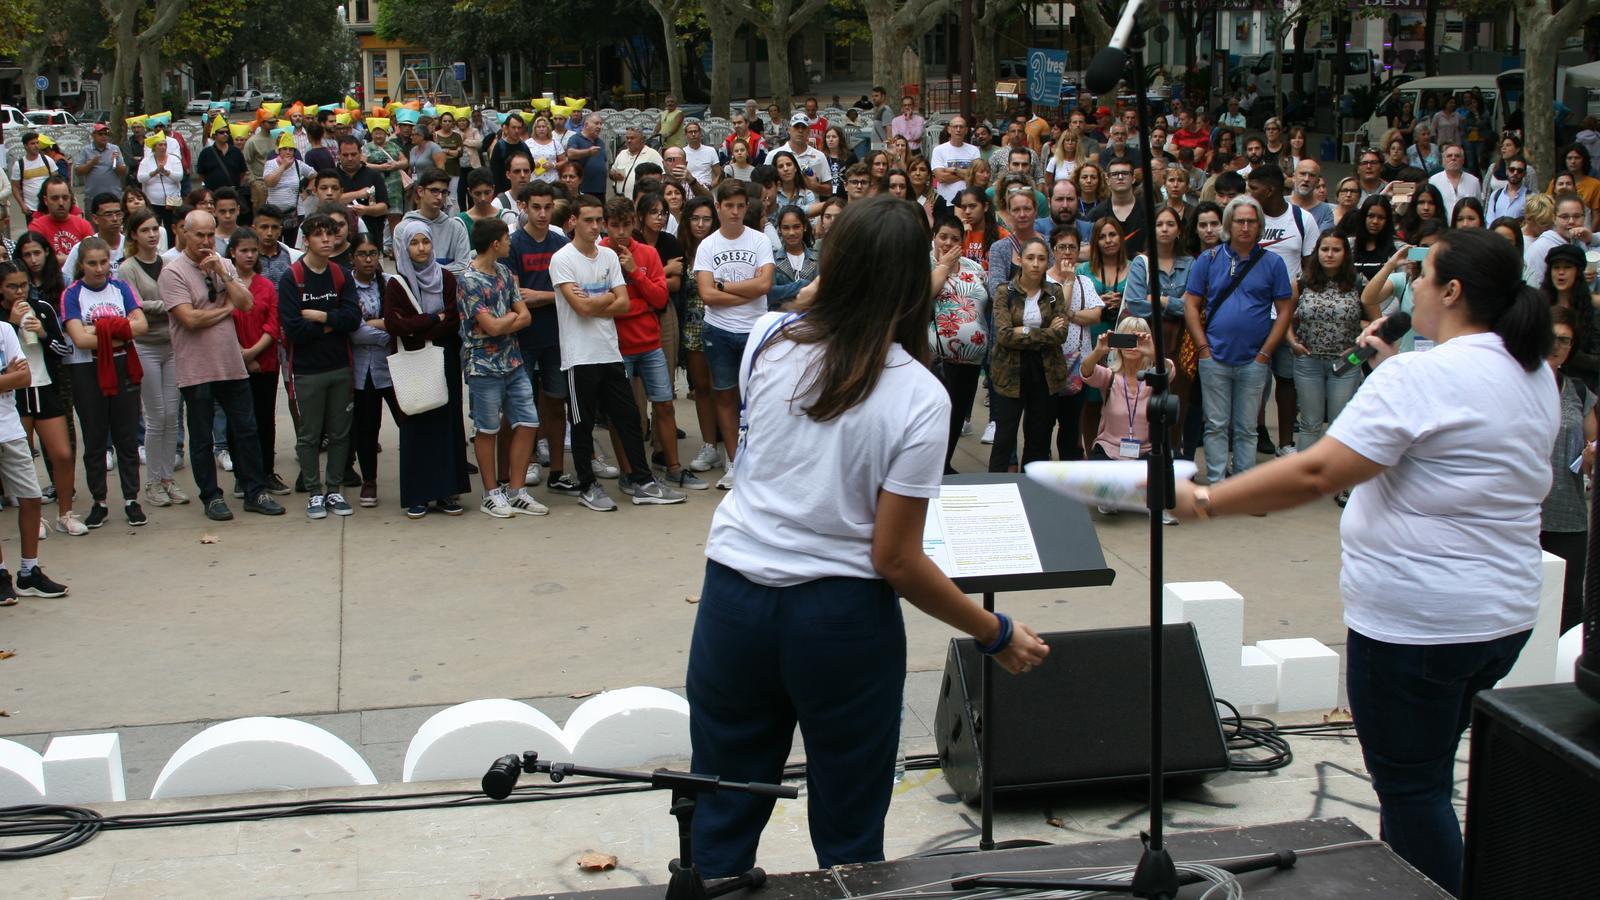 Núria Galmés i Encarna Valera cantant 'Som aquí', la cançó d'homenatge al voluntariat de la torrentada.